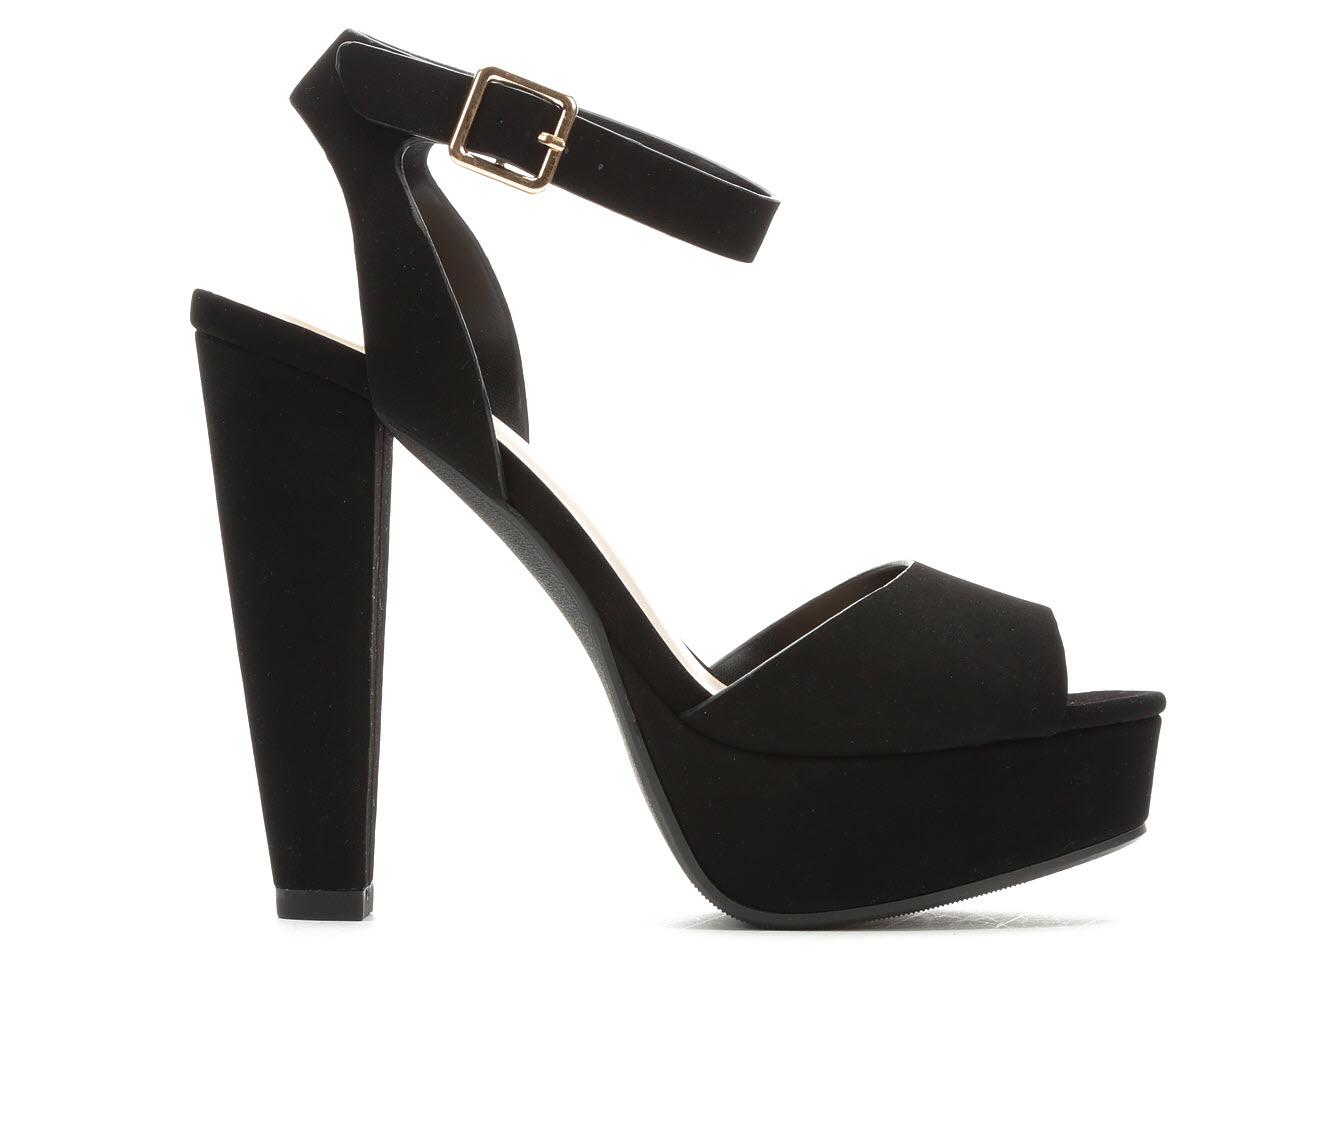 Delicious Purify Women's Dress Shoe (Black Faux Leather)